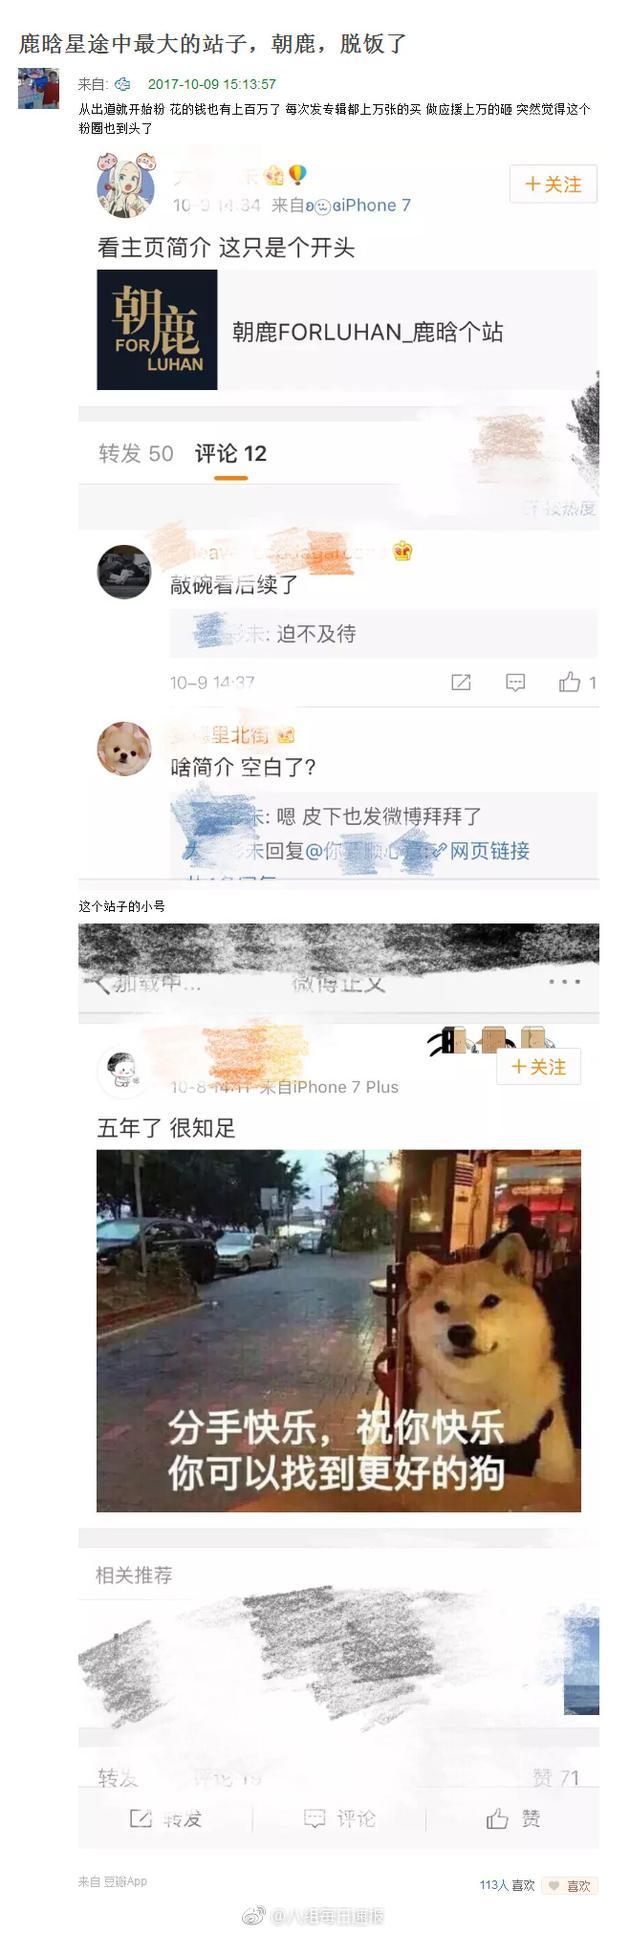 """网曝鹿晗最大粉丝个站""""朝鹿""""疑似脱饭"""